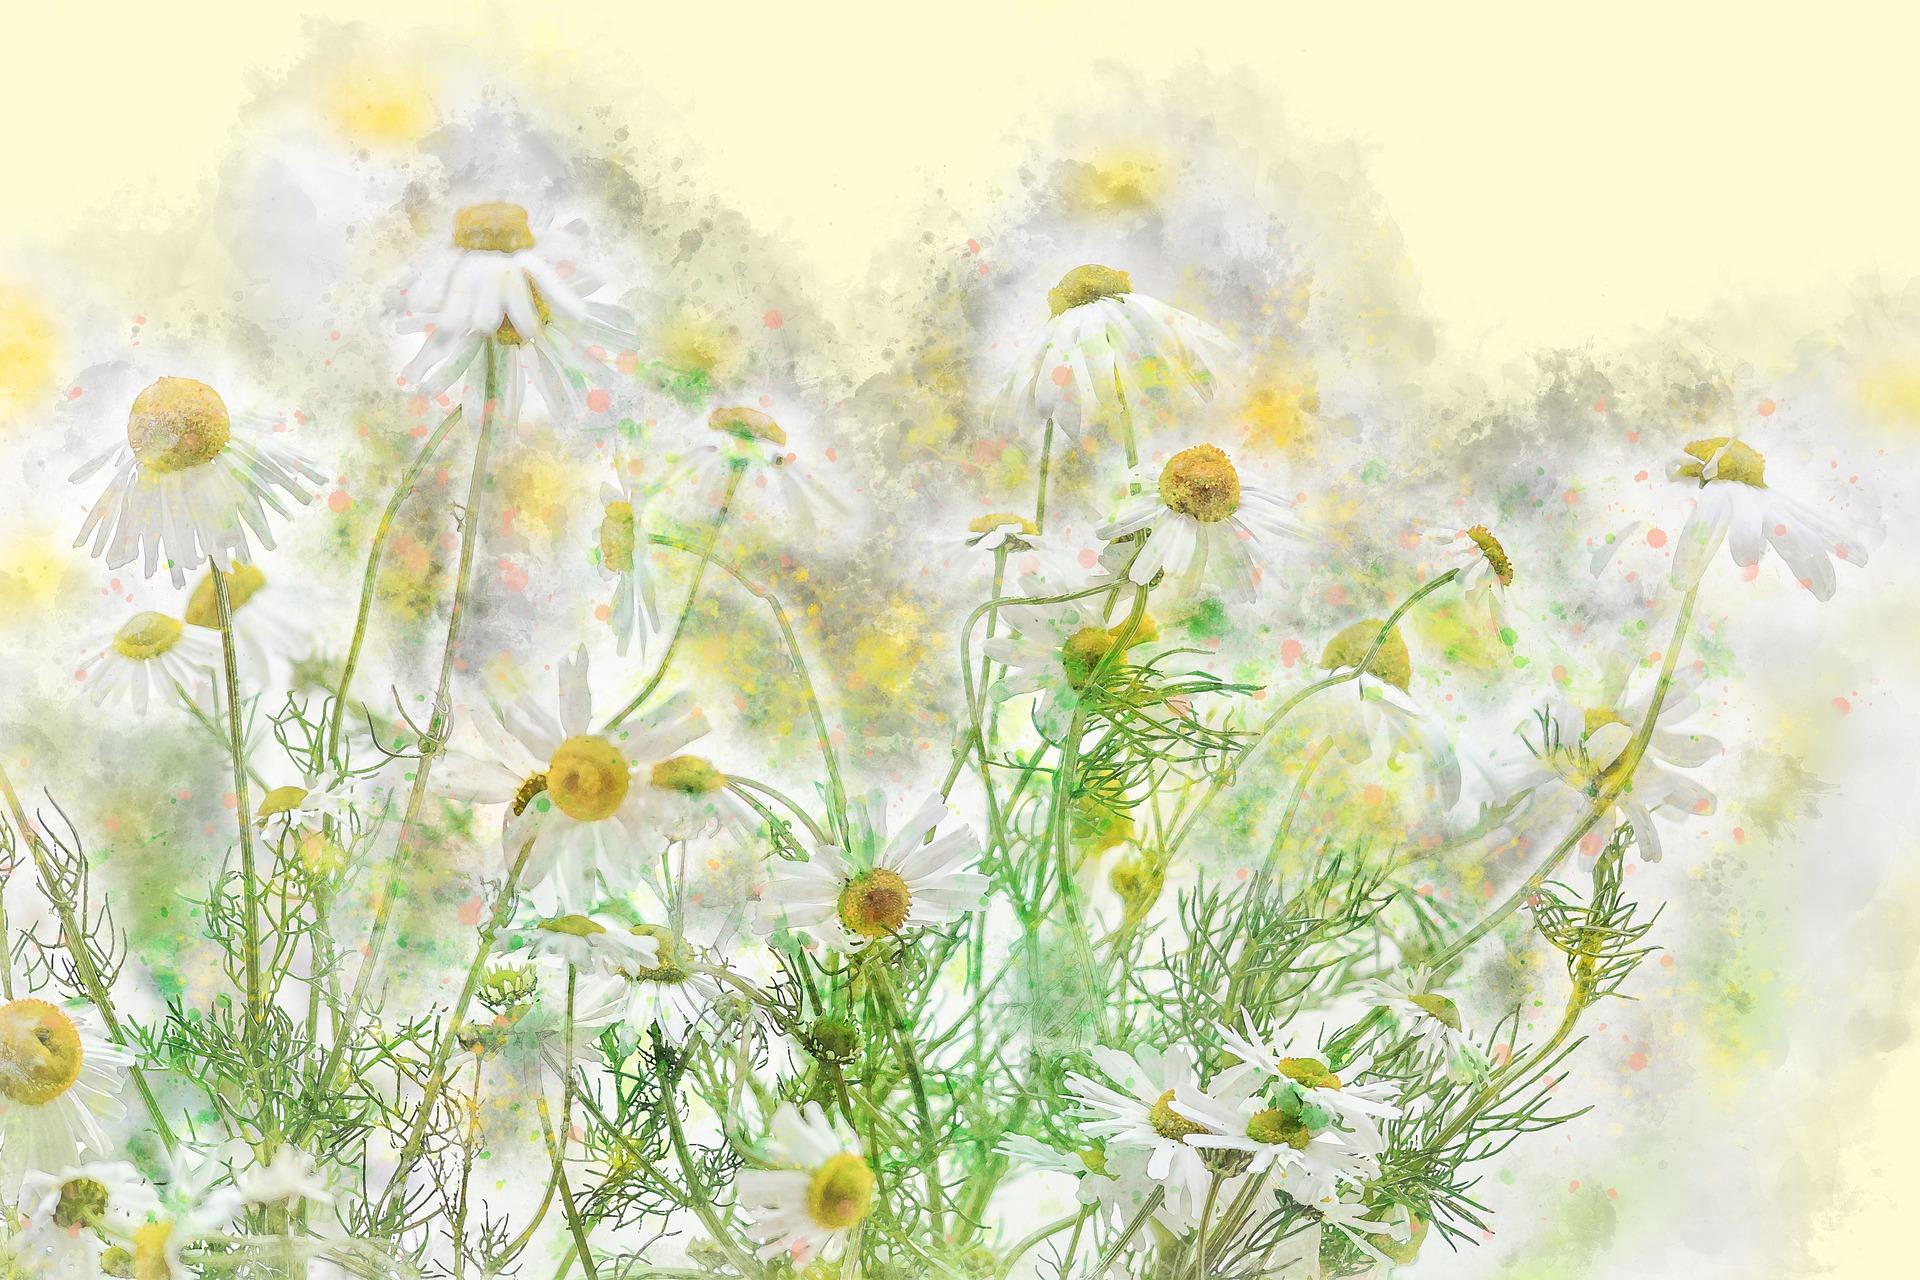 Remèdes : Savoir utiliser les plantes médicinales - Cours 2